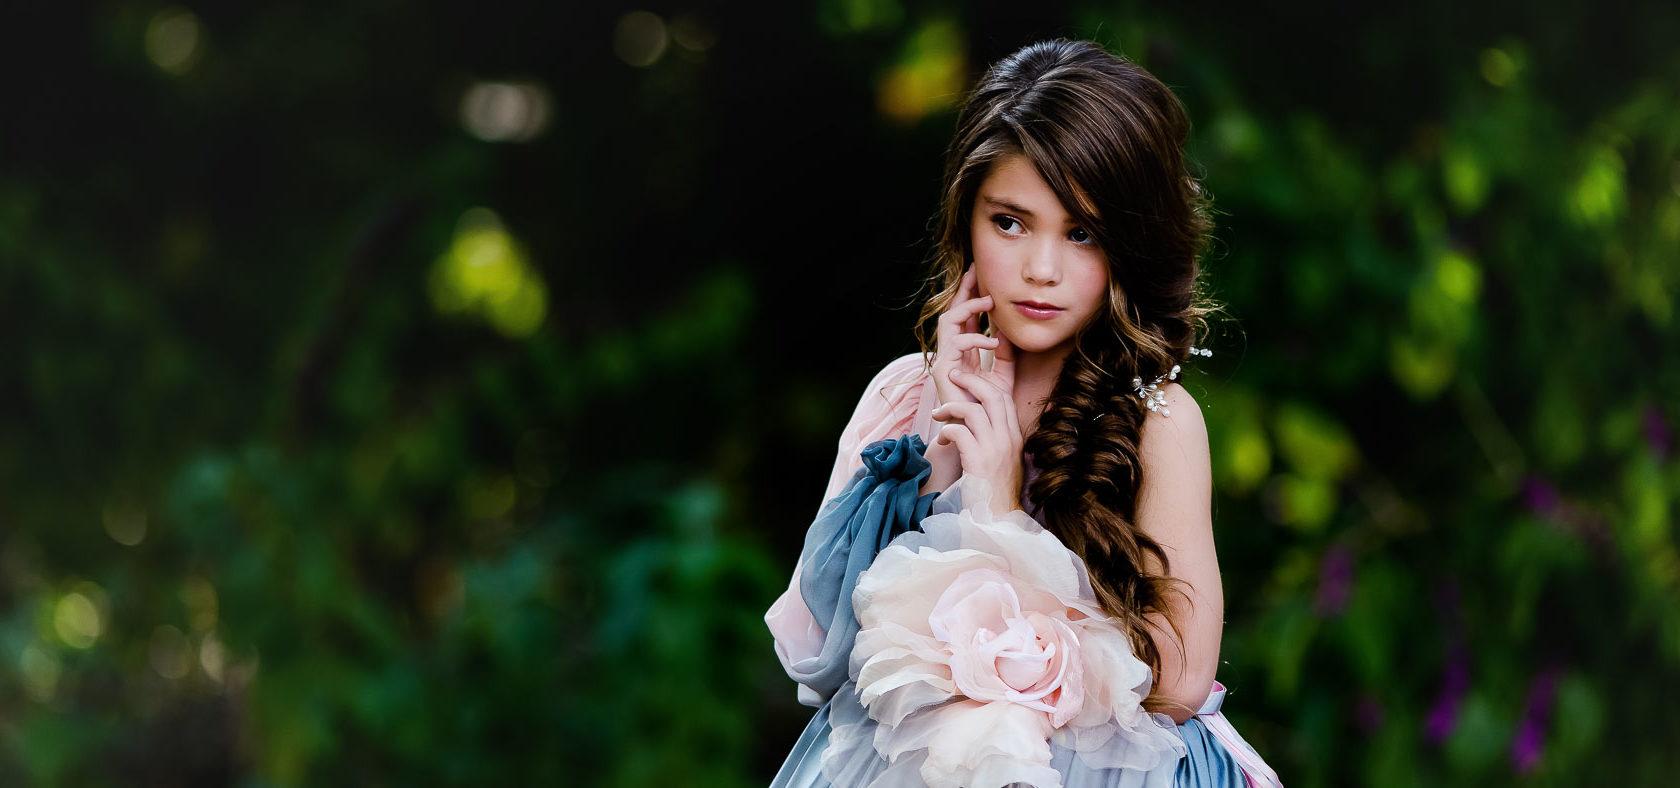 Anke Benen Photography, Kinderfotografie, das besondere Fotoshooting, magische Momente, Mädchen, Fotografie, Dallas, Mädchentraum